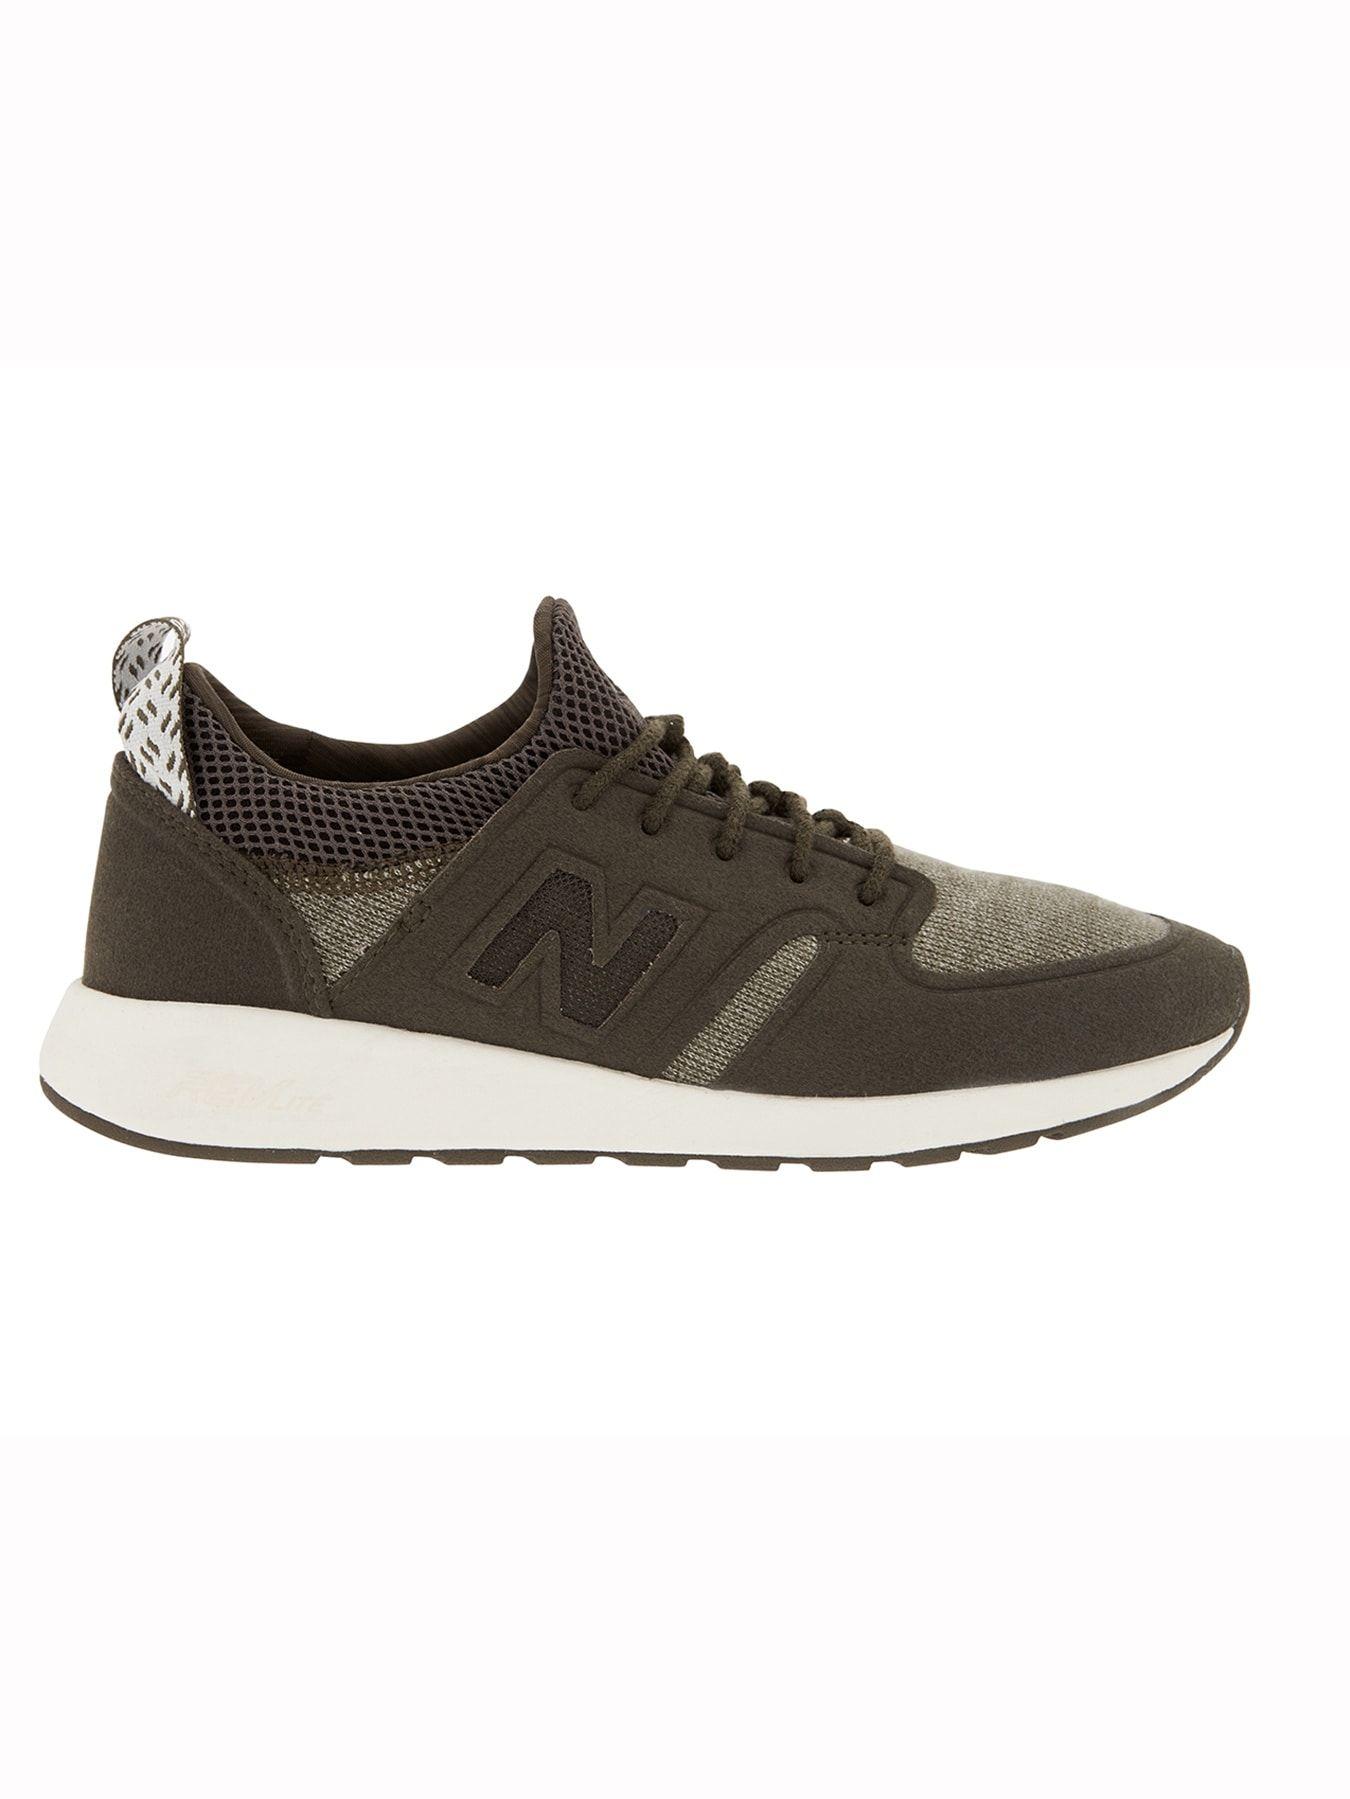 product photo | Stylish athletic shoes